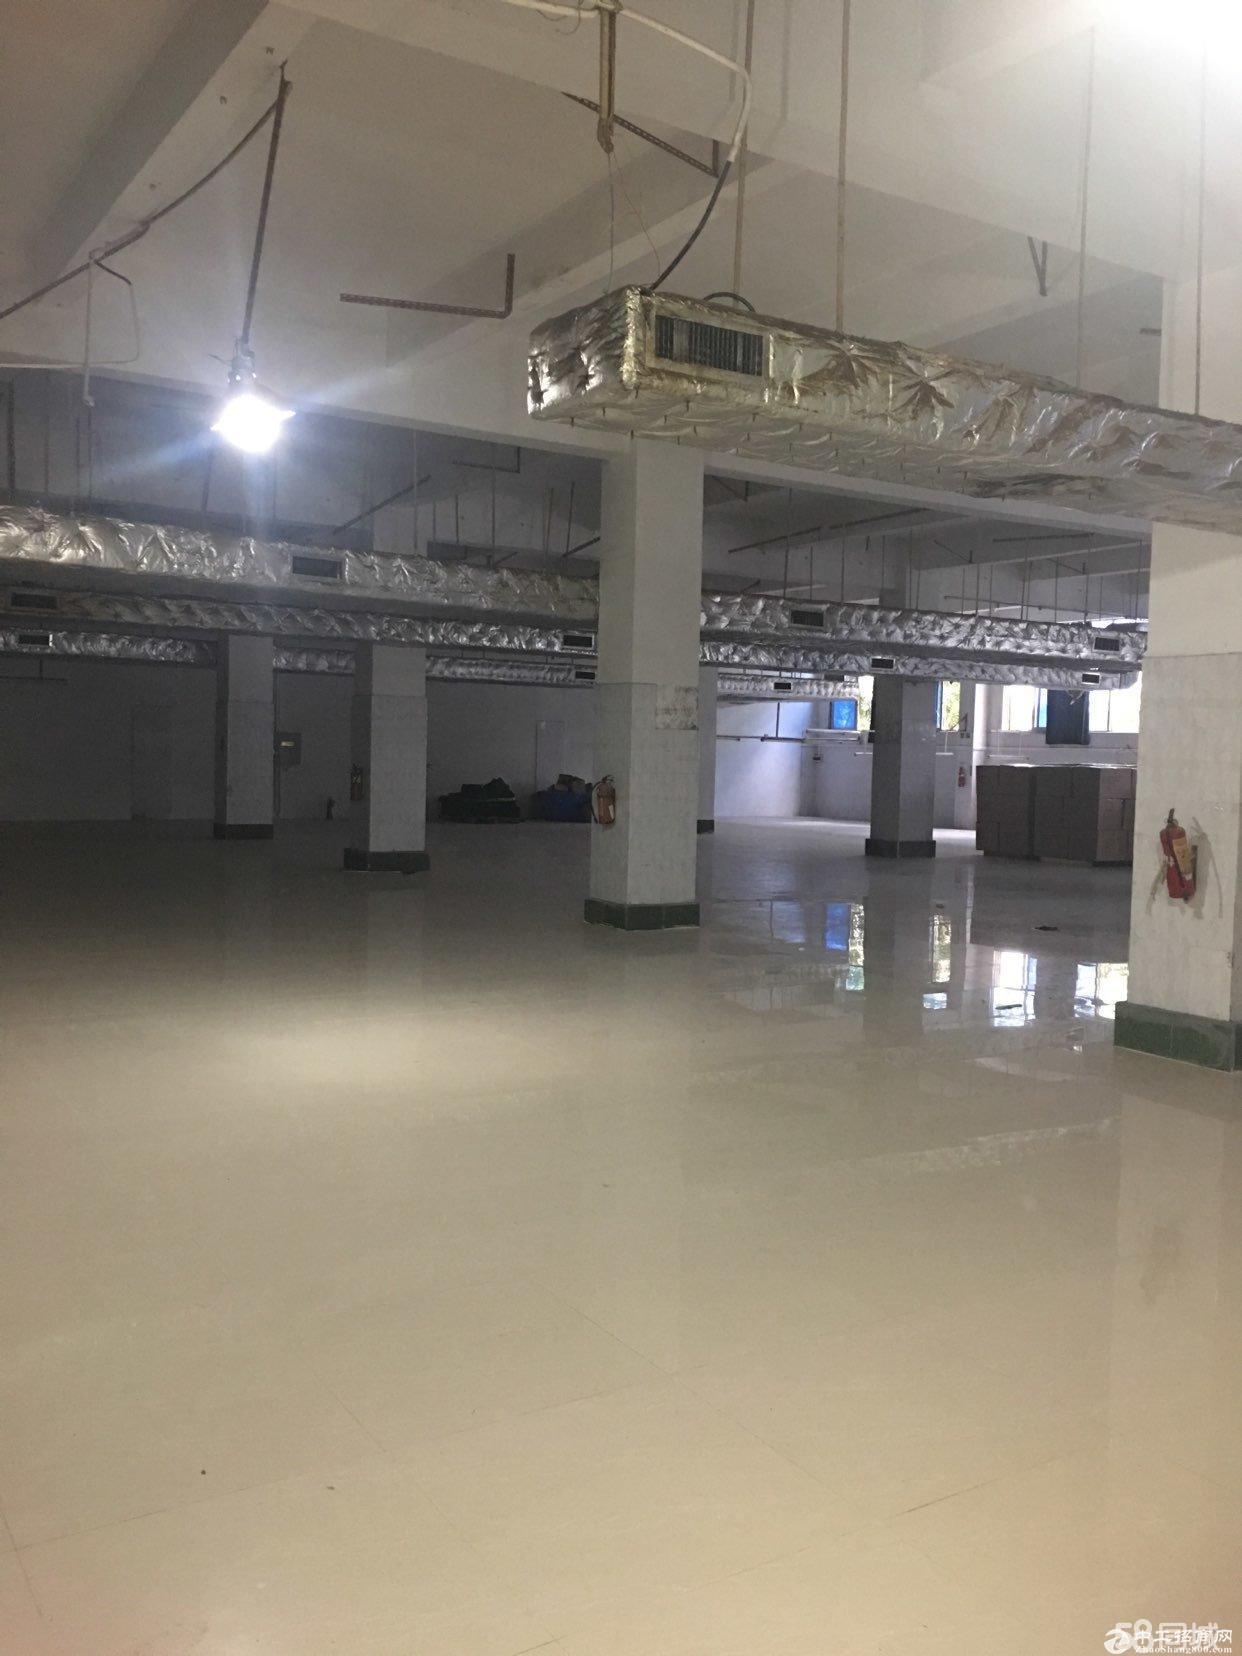 平湖军事管理区附近一楼1400平厂房急租-图4